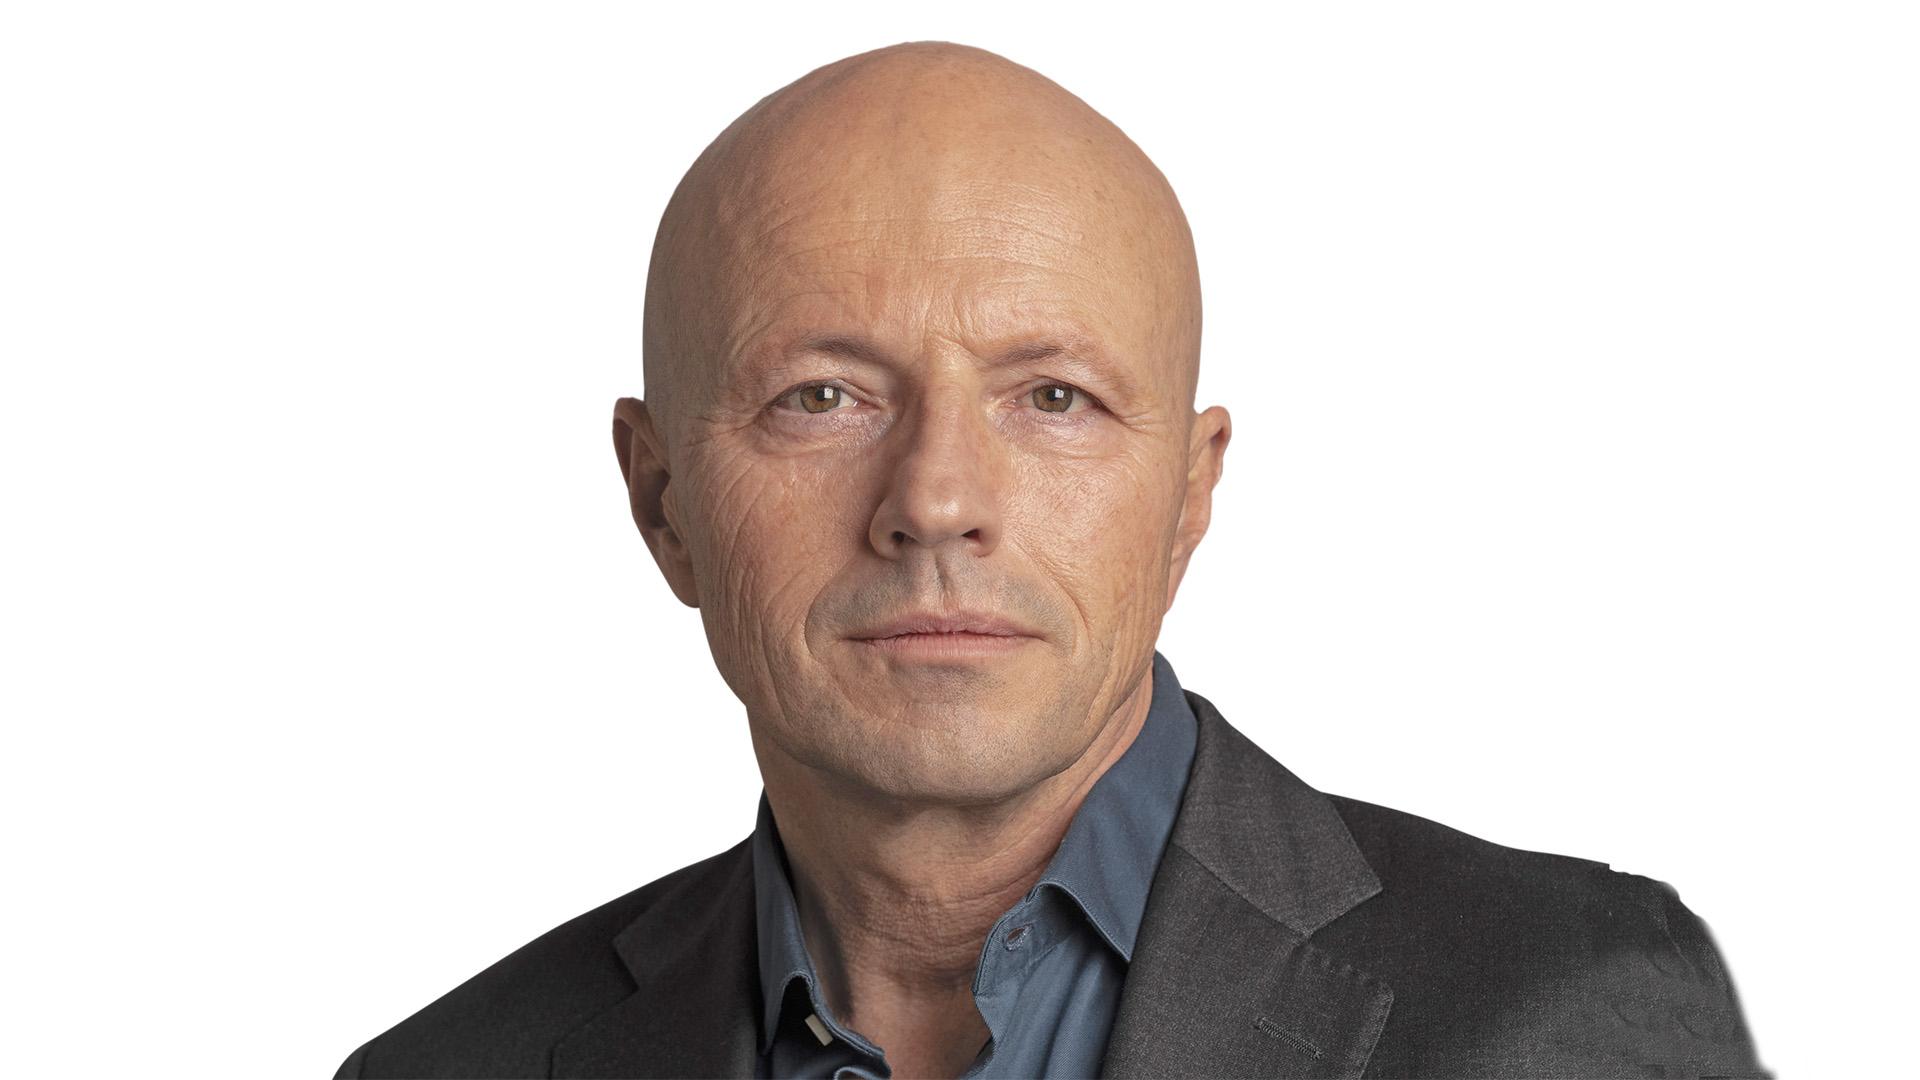 Roderick Veelo